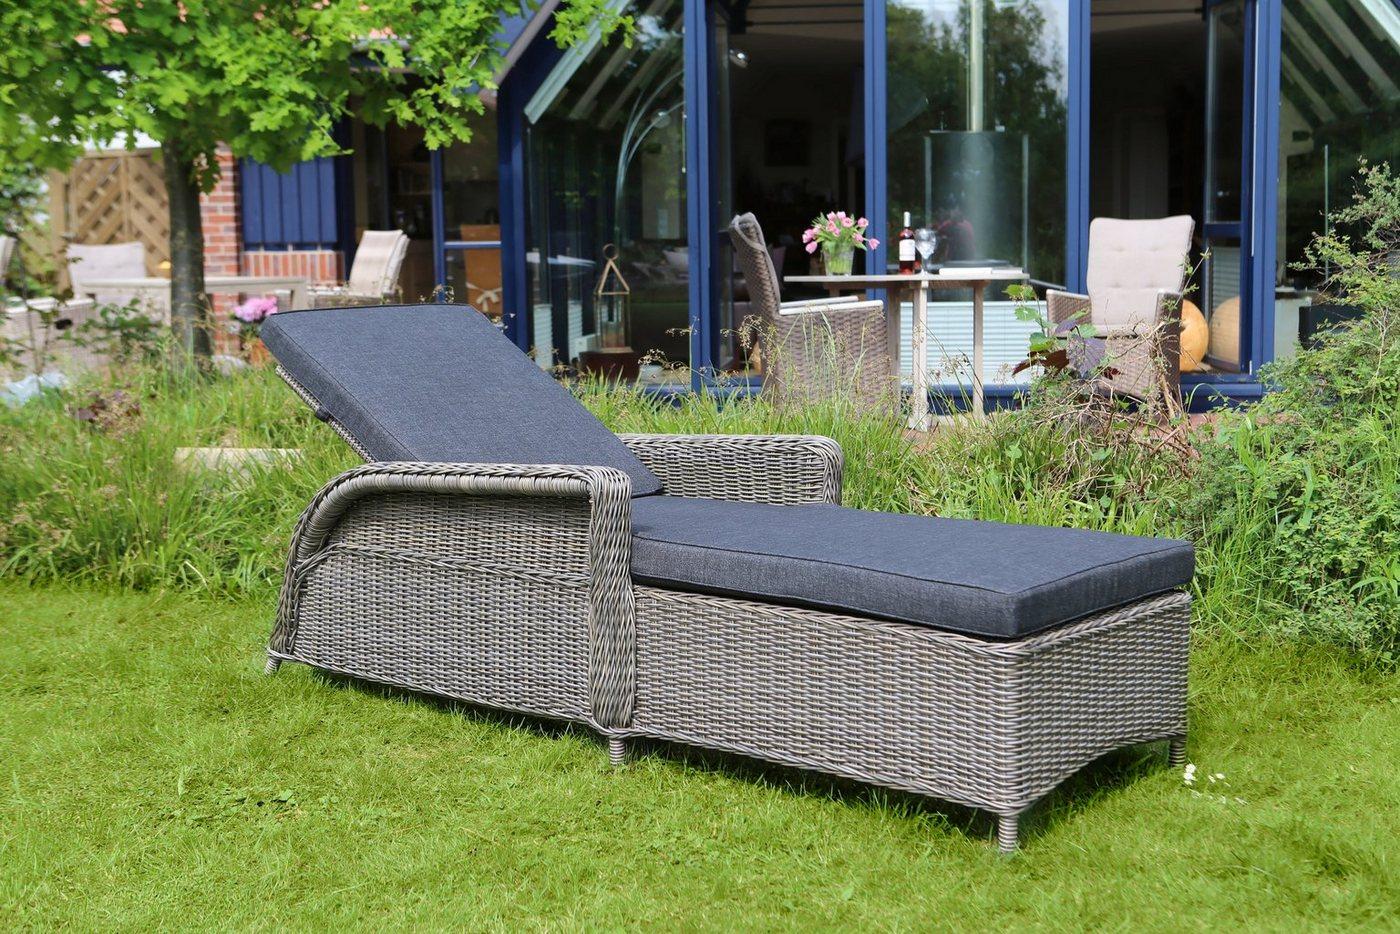 polyrattan liegen preisvergleiche erfahrungsberichte. Black Bedroom Furniture Sets. Home Design Ideas